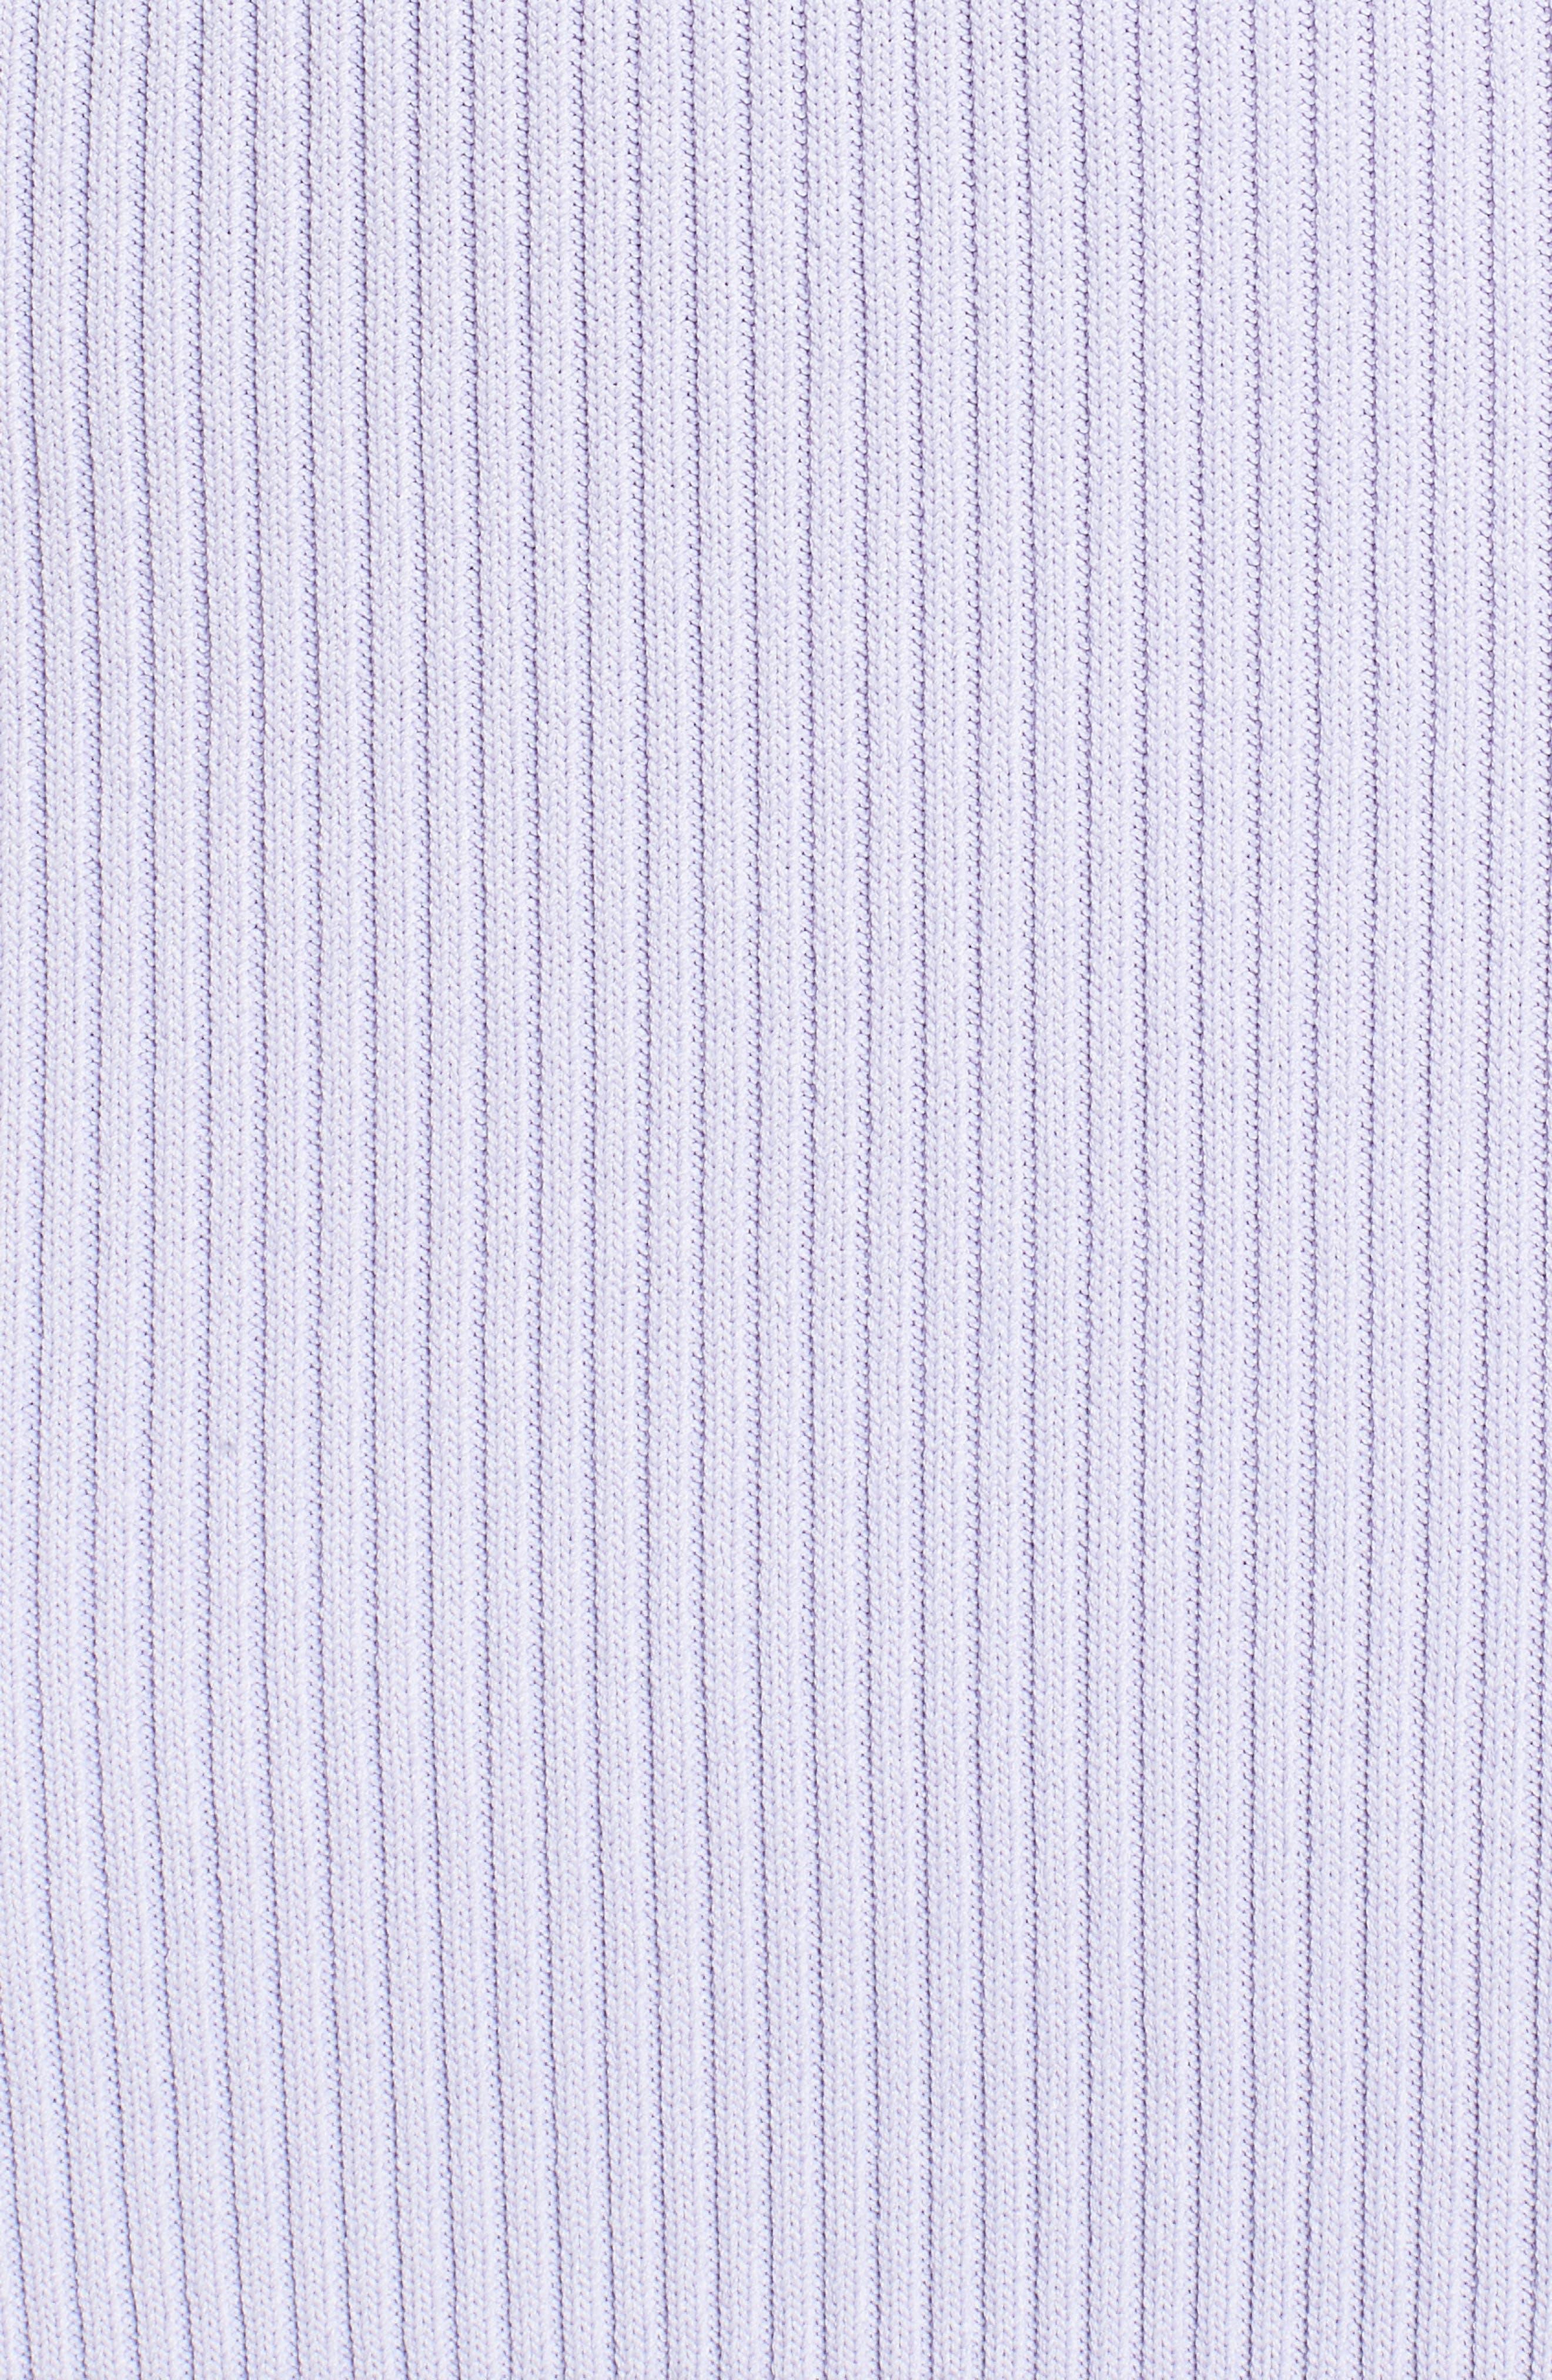 V-Neck Rib Knit Sweater Dress,                             Alternate thumbnail 5, color,                             577